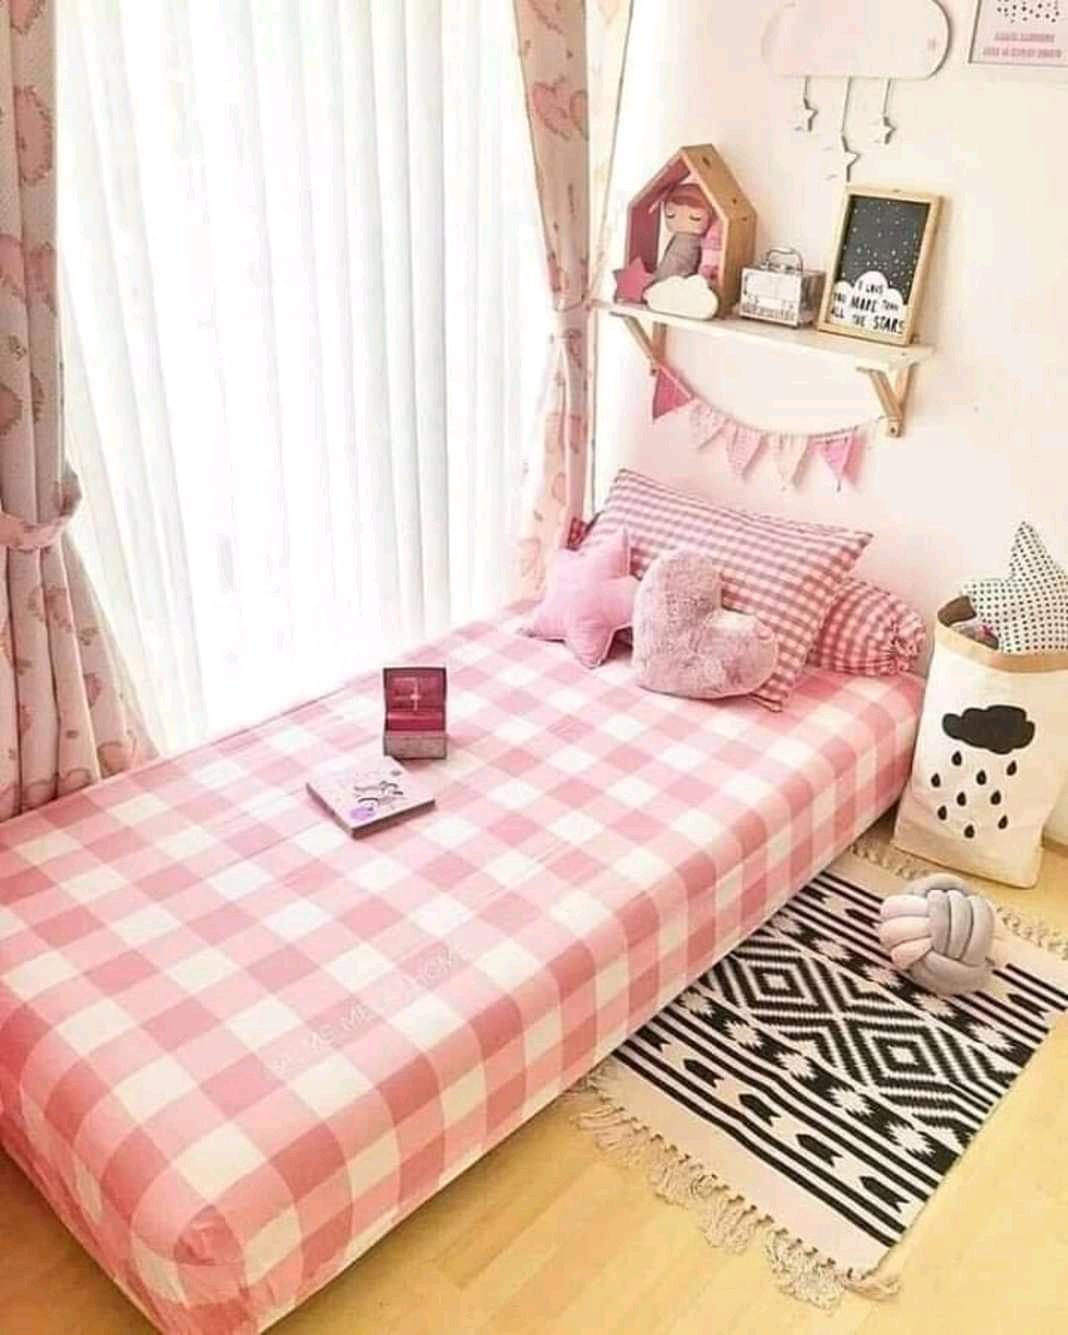 10 Ide Dekorasi Kamar Tidur Anak Tipe Lesehan Punya Banyak